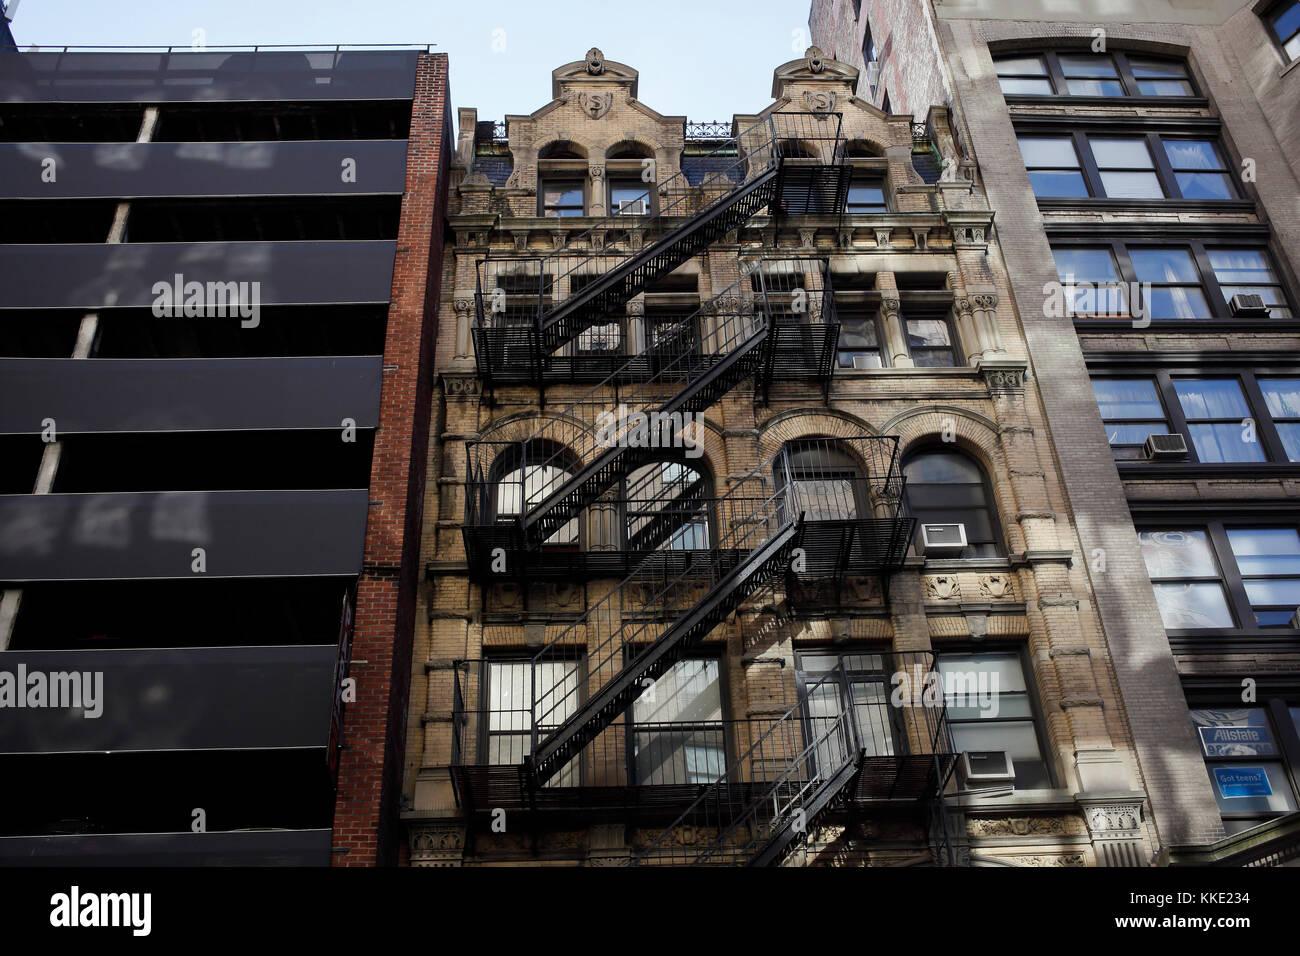 Edificio con arquitectura de estilo flamenco en la Ciudad de Nueva York Imagen De Stock